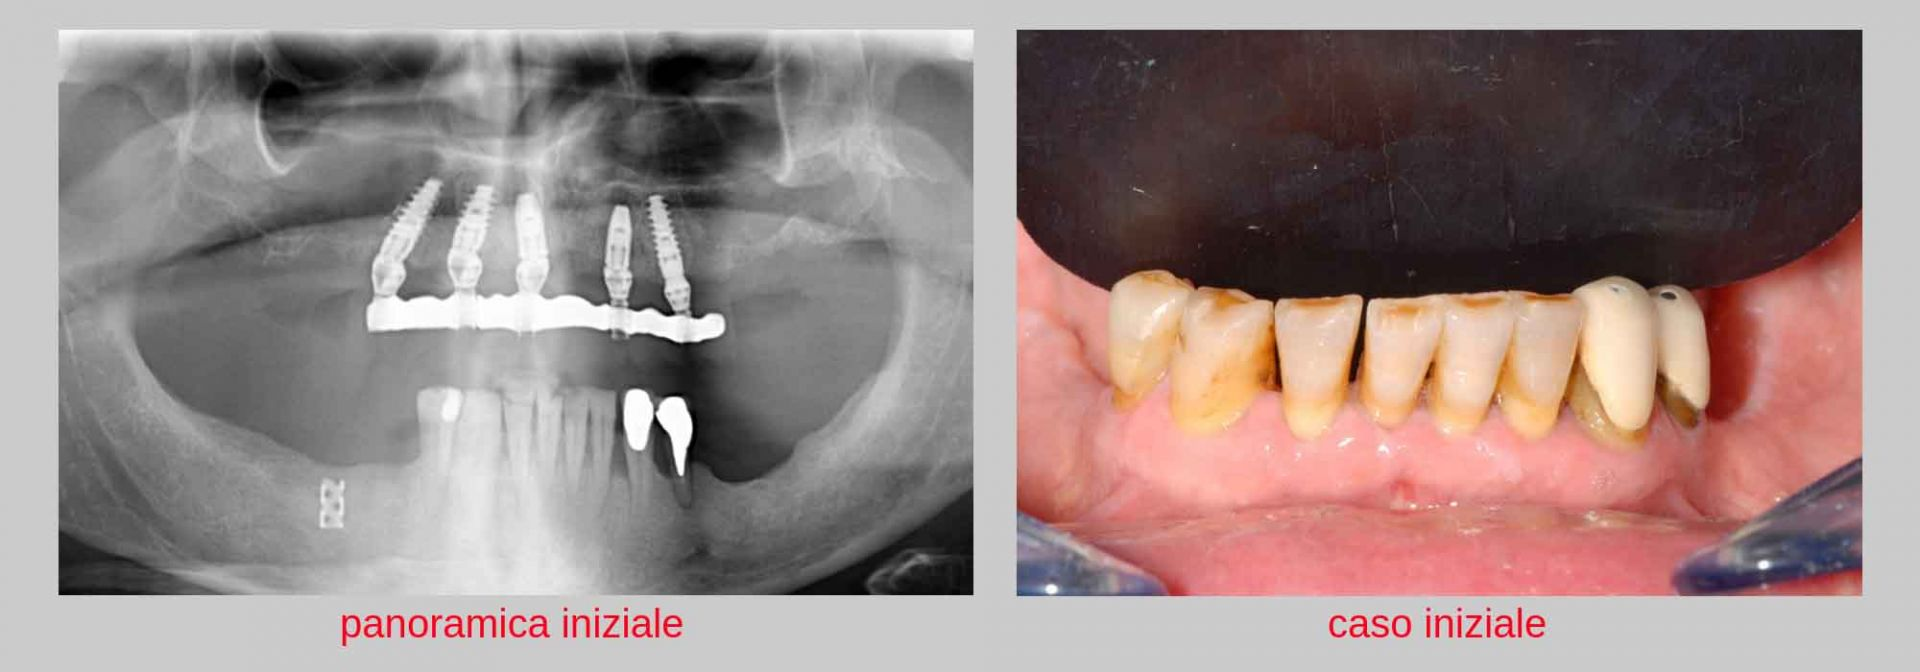 giovanni paziente con parodontite prima